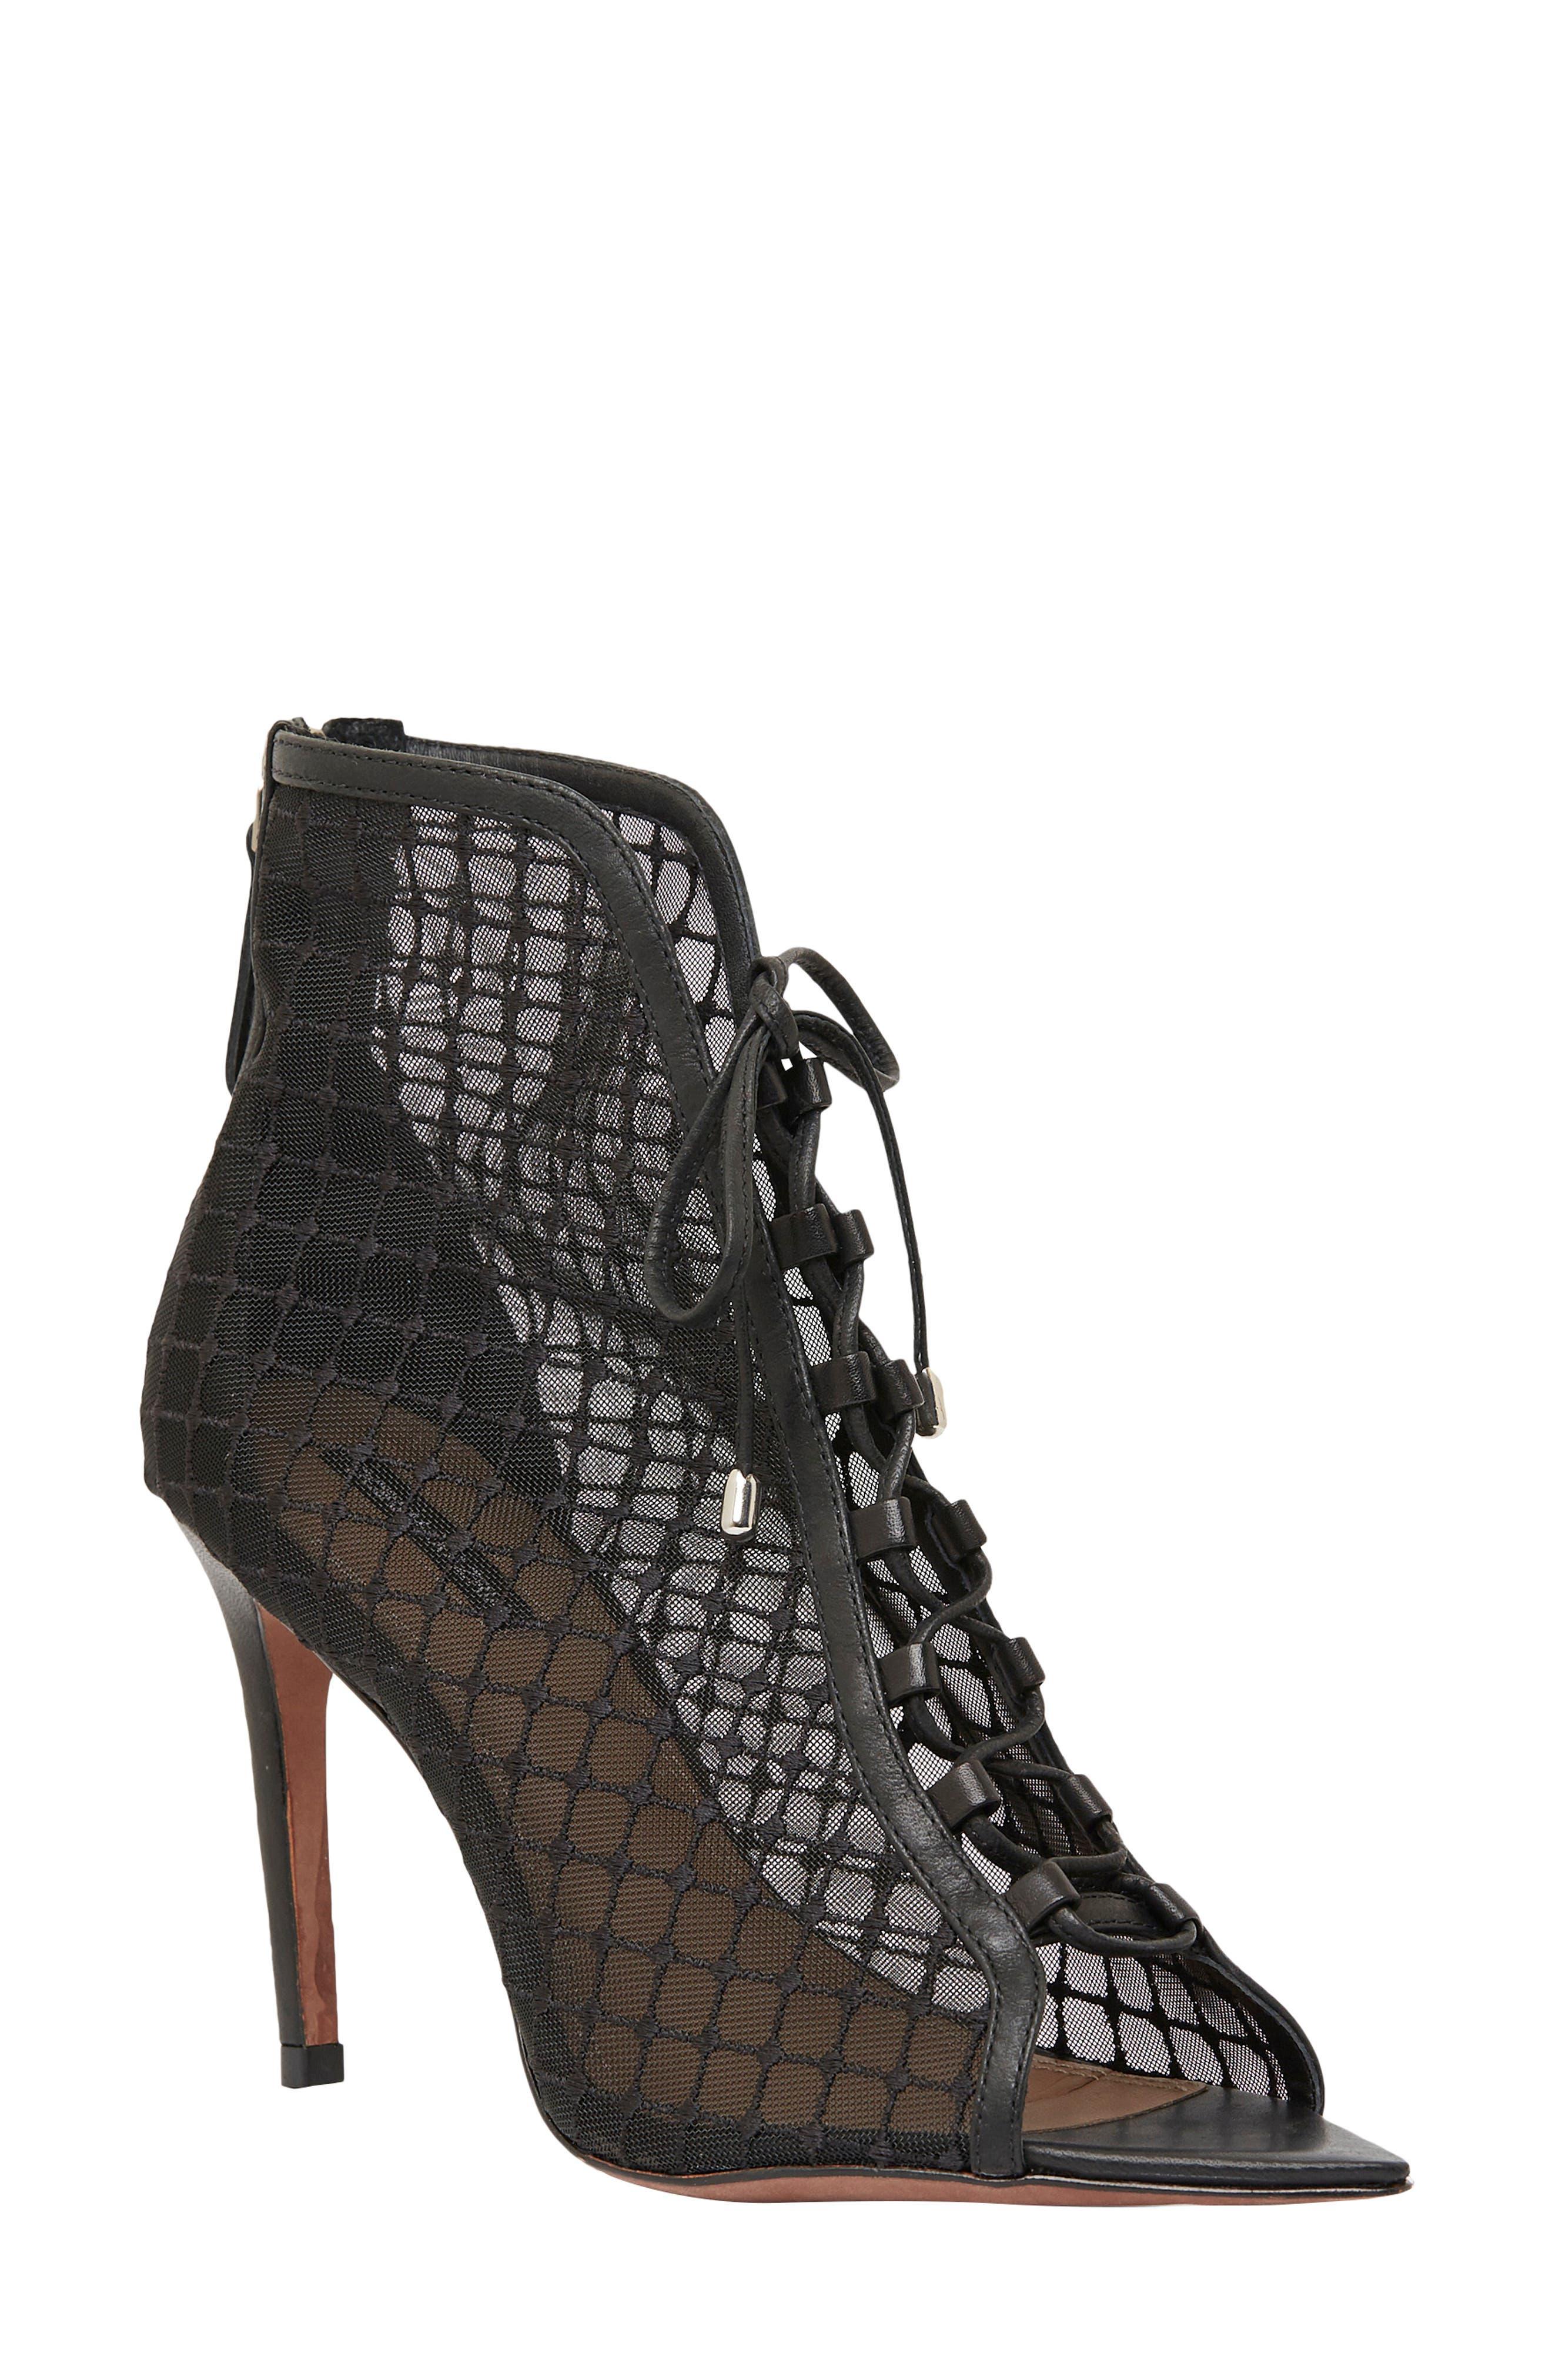 Ellise Lace-Up Sandal